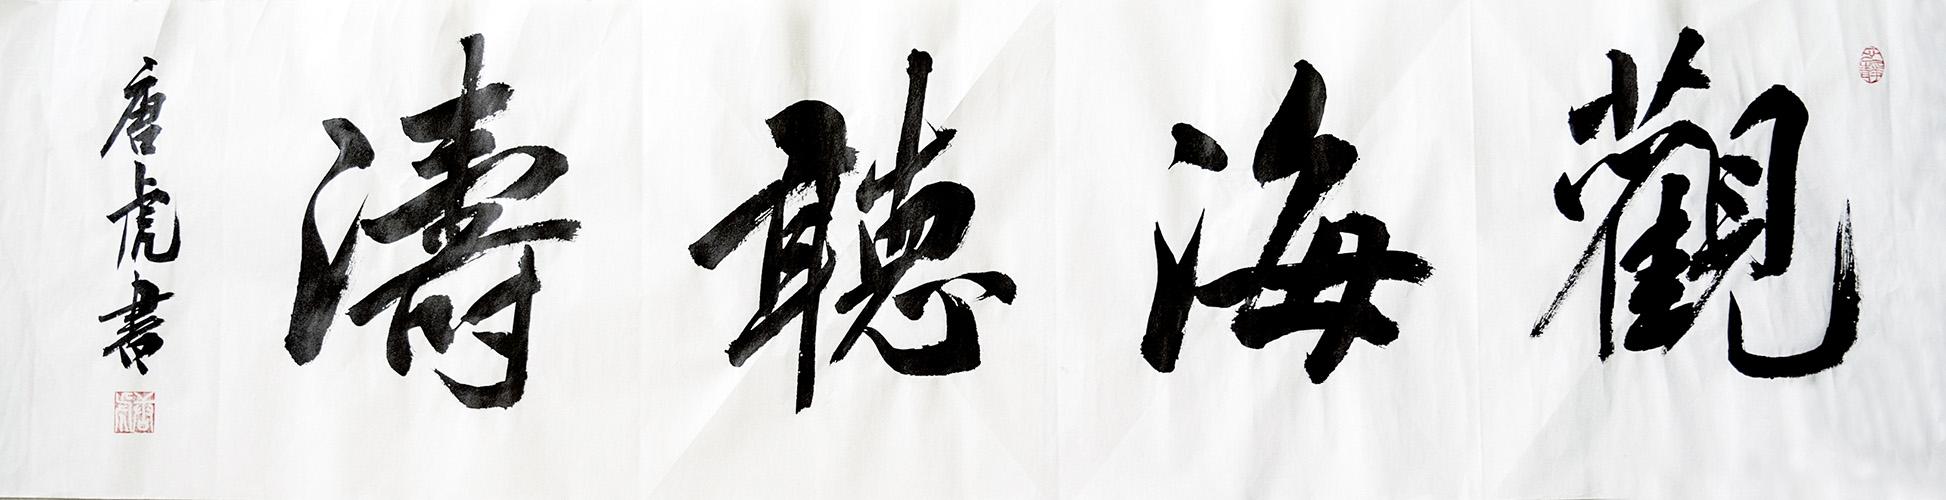 唐虎作品之一 (2)